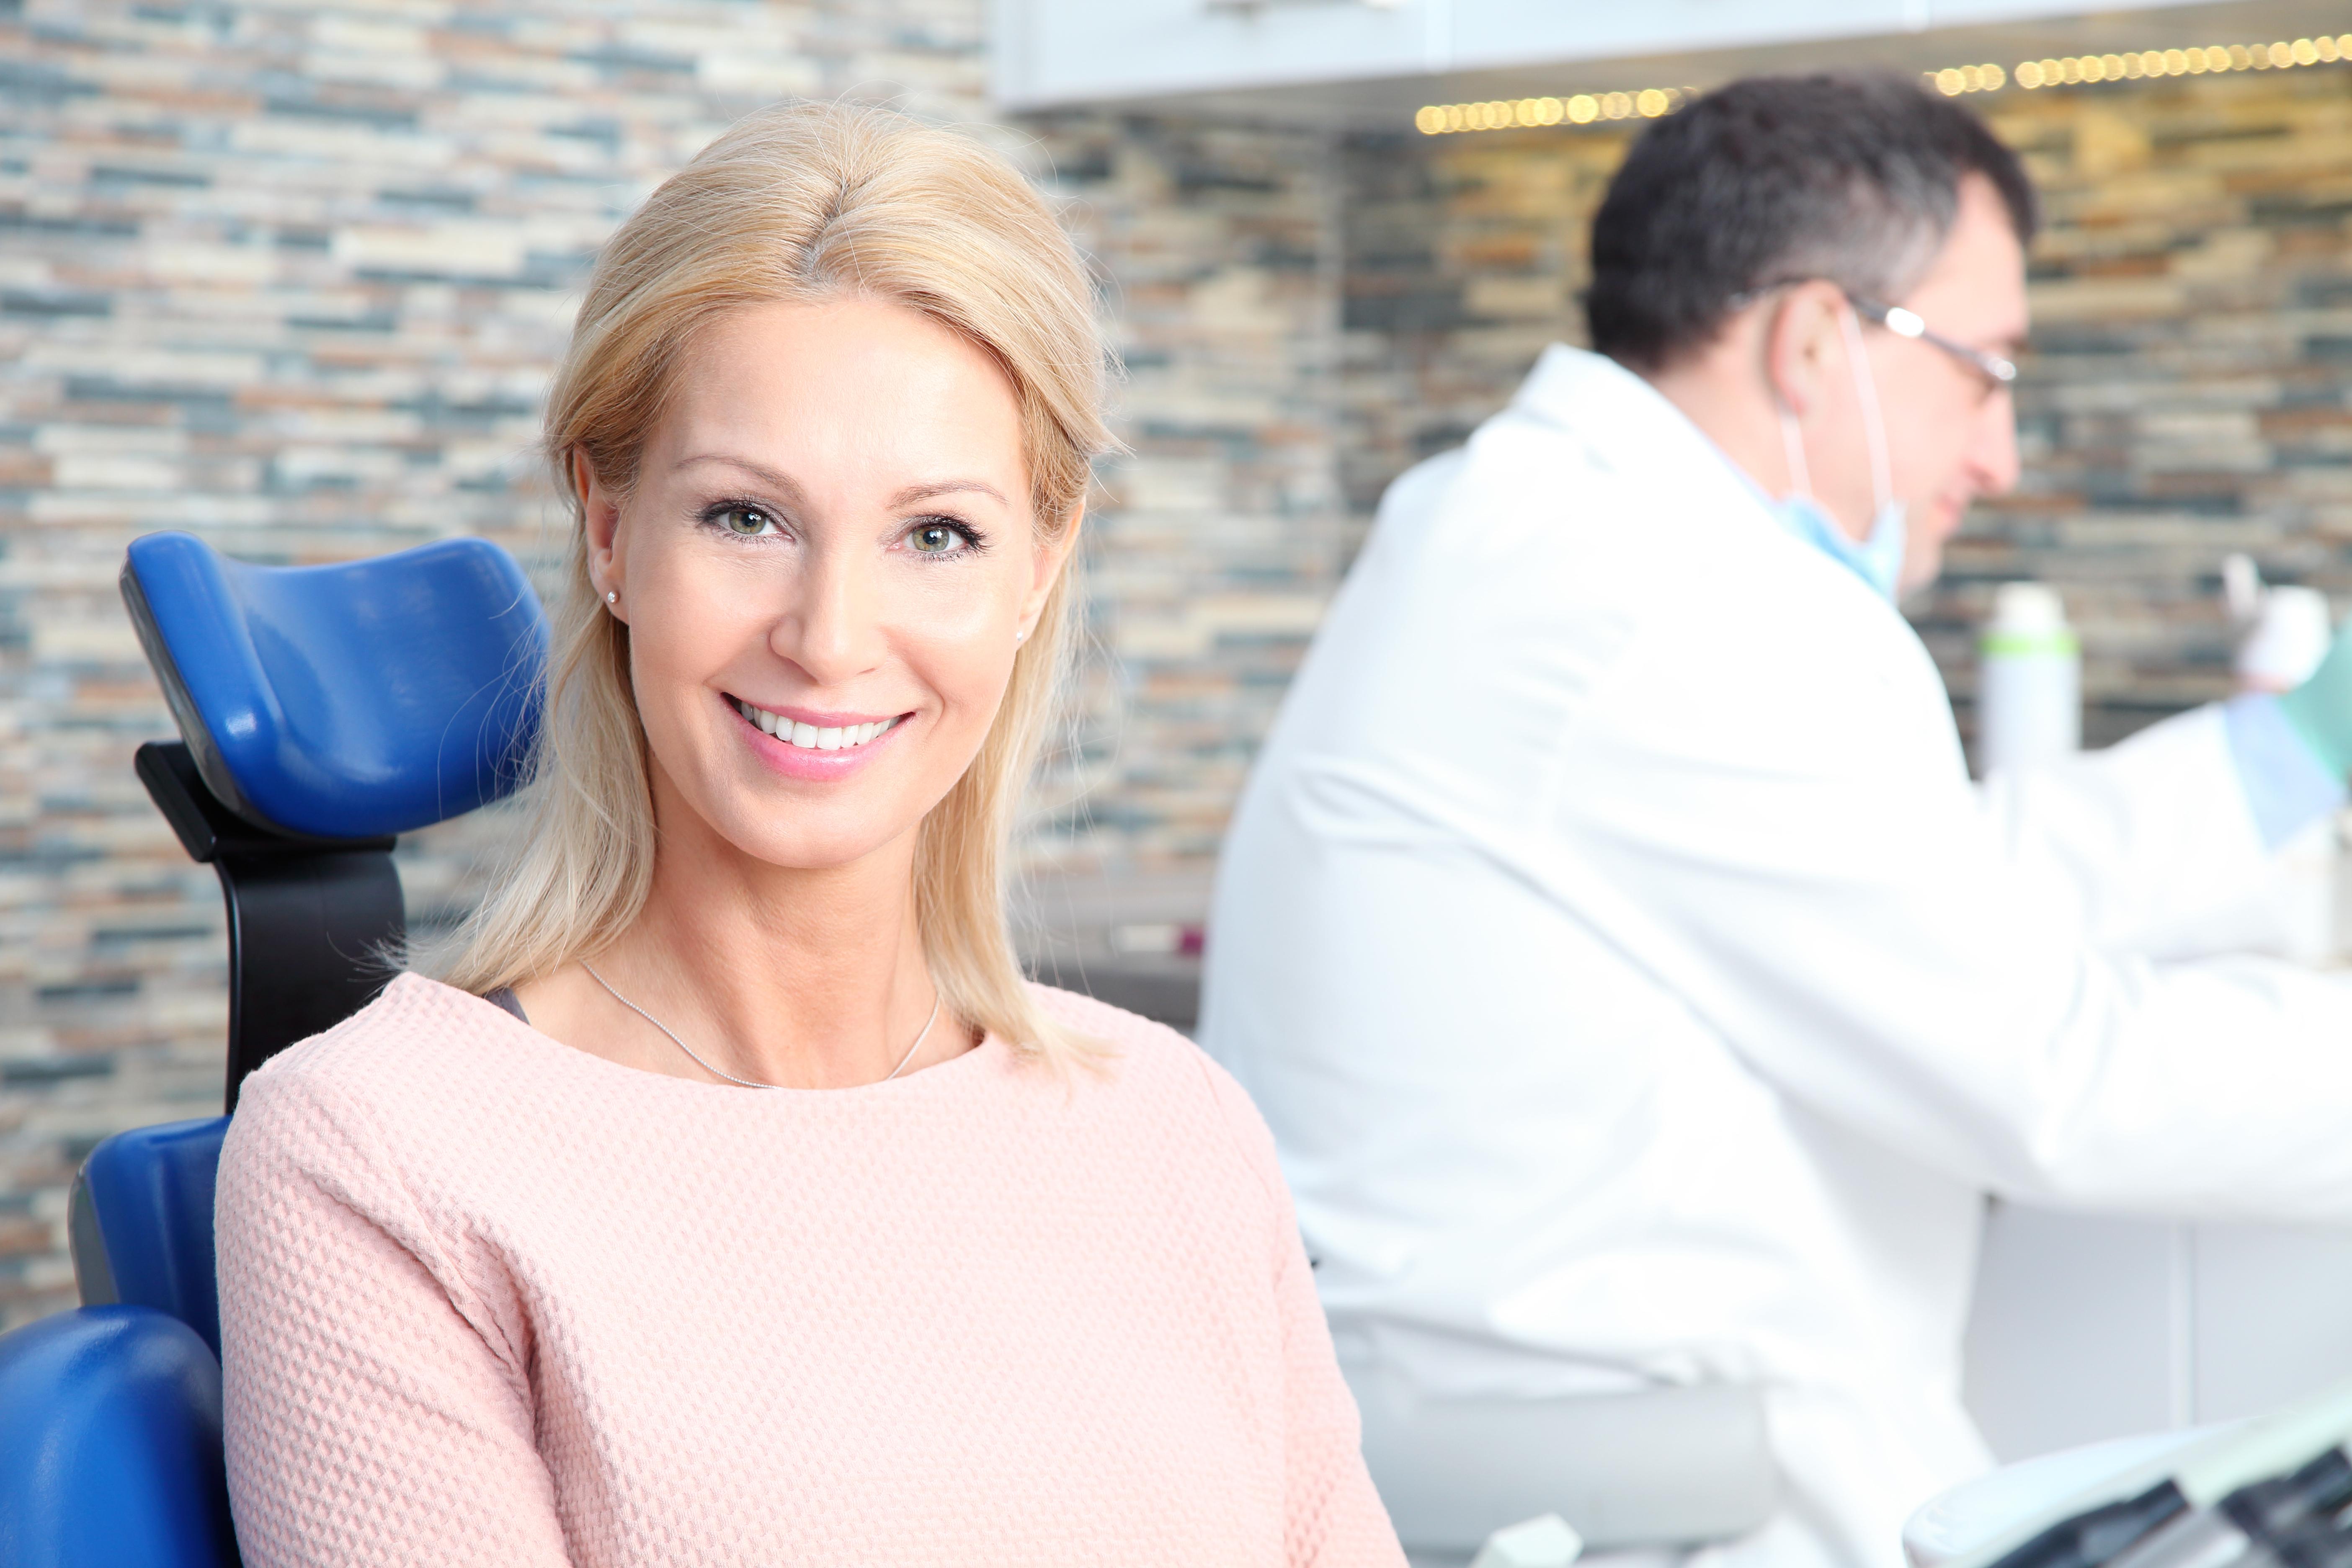 Zahnversicherung: Darauf müssen Sie achten